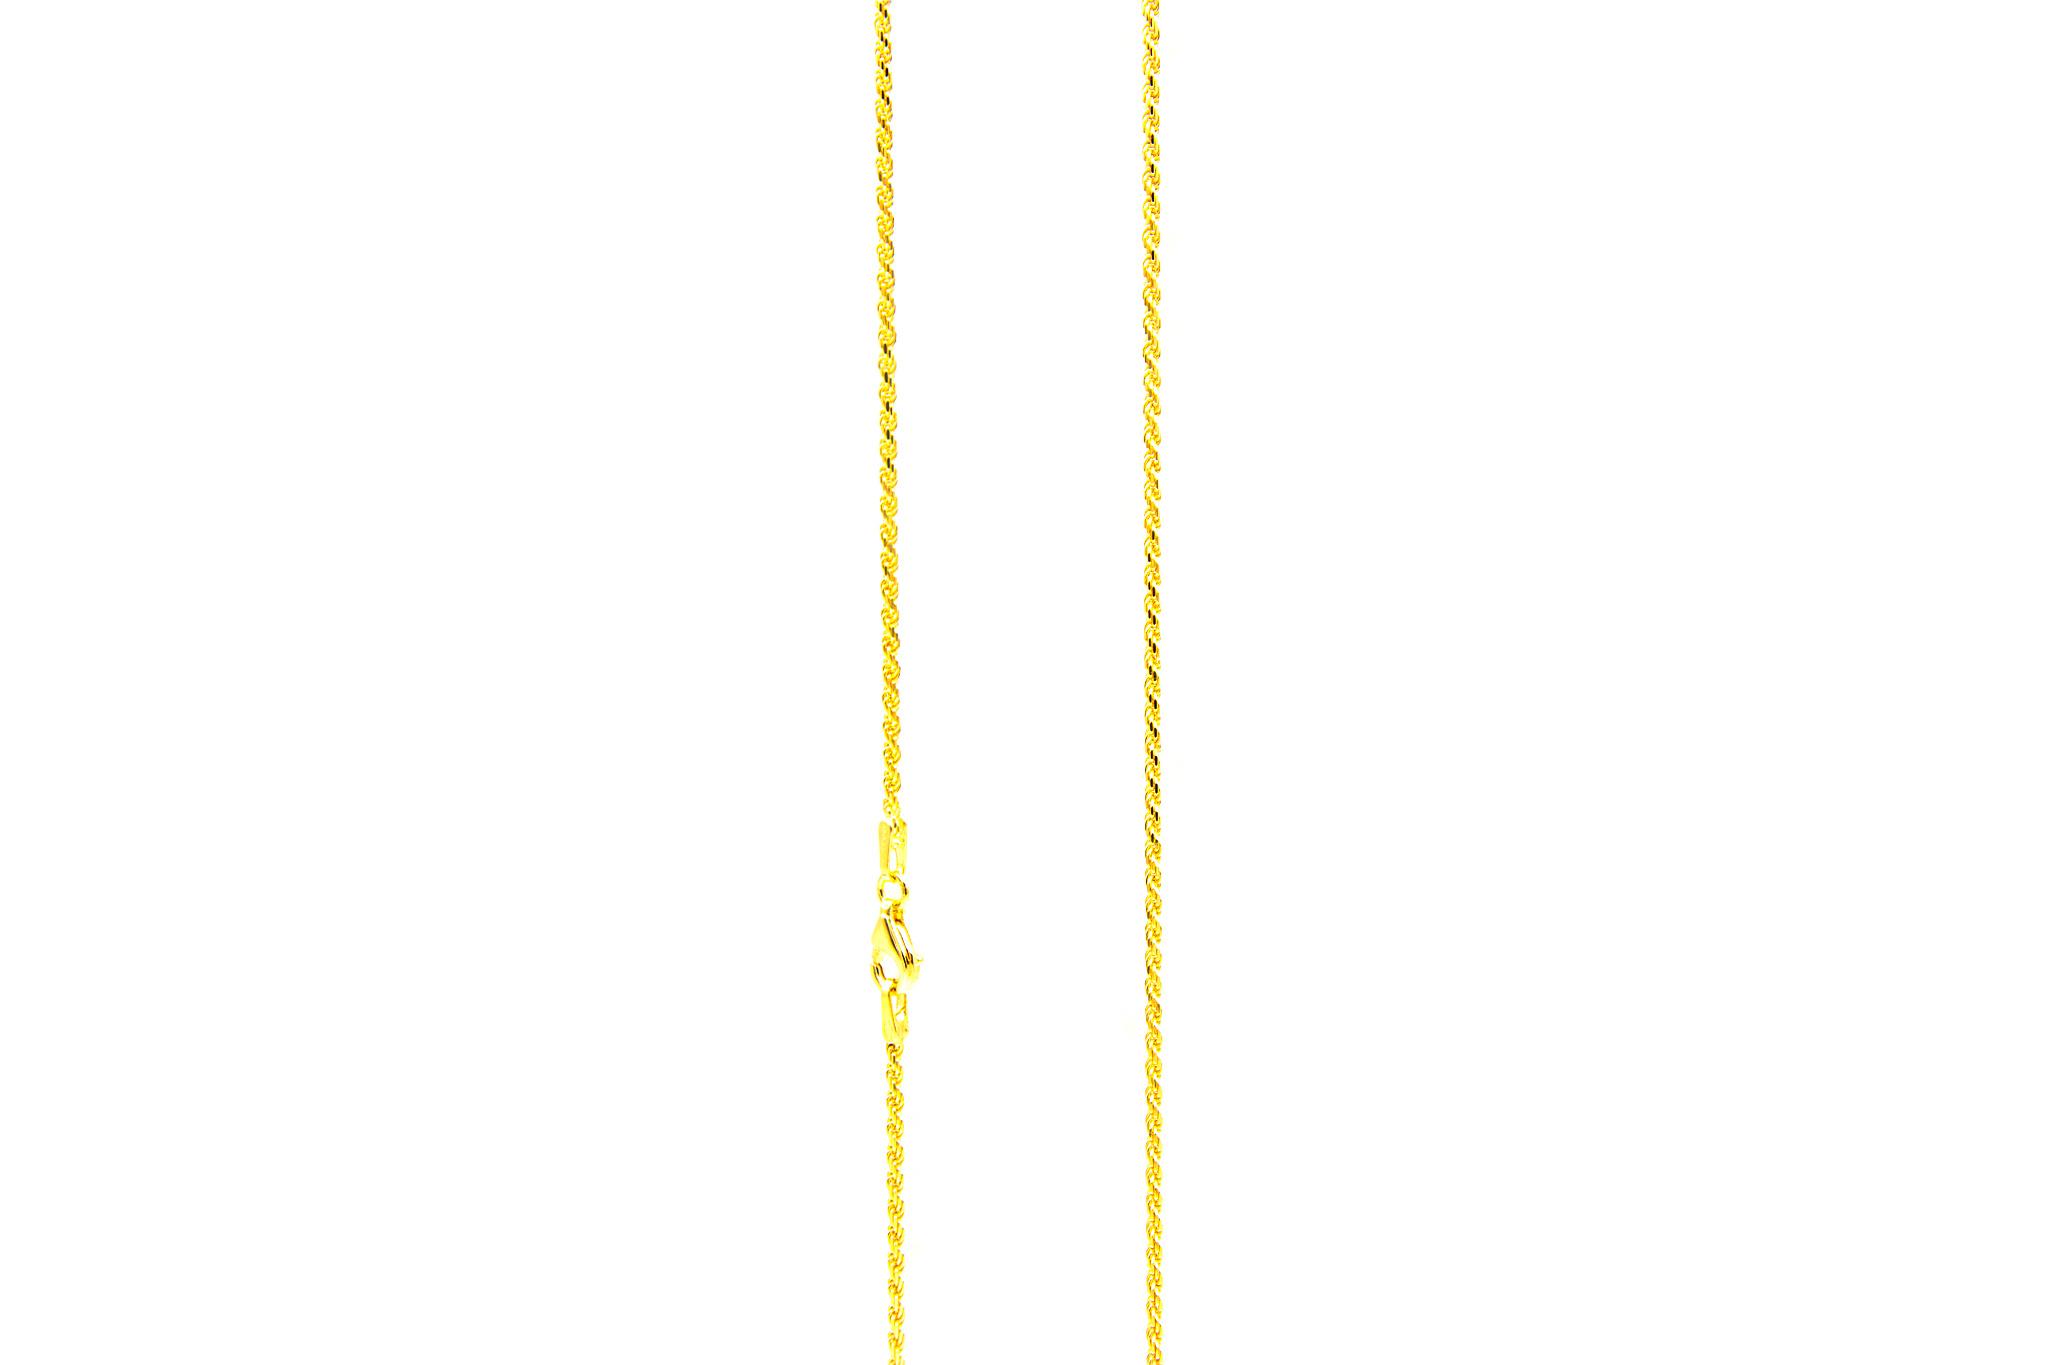 Rope Chain massief NL 18k-1.5mm-1